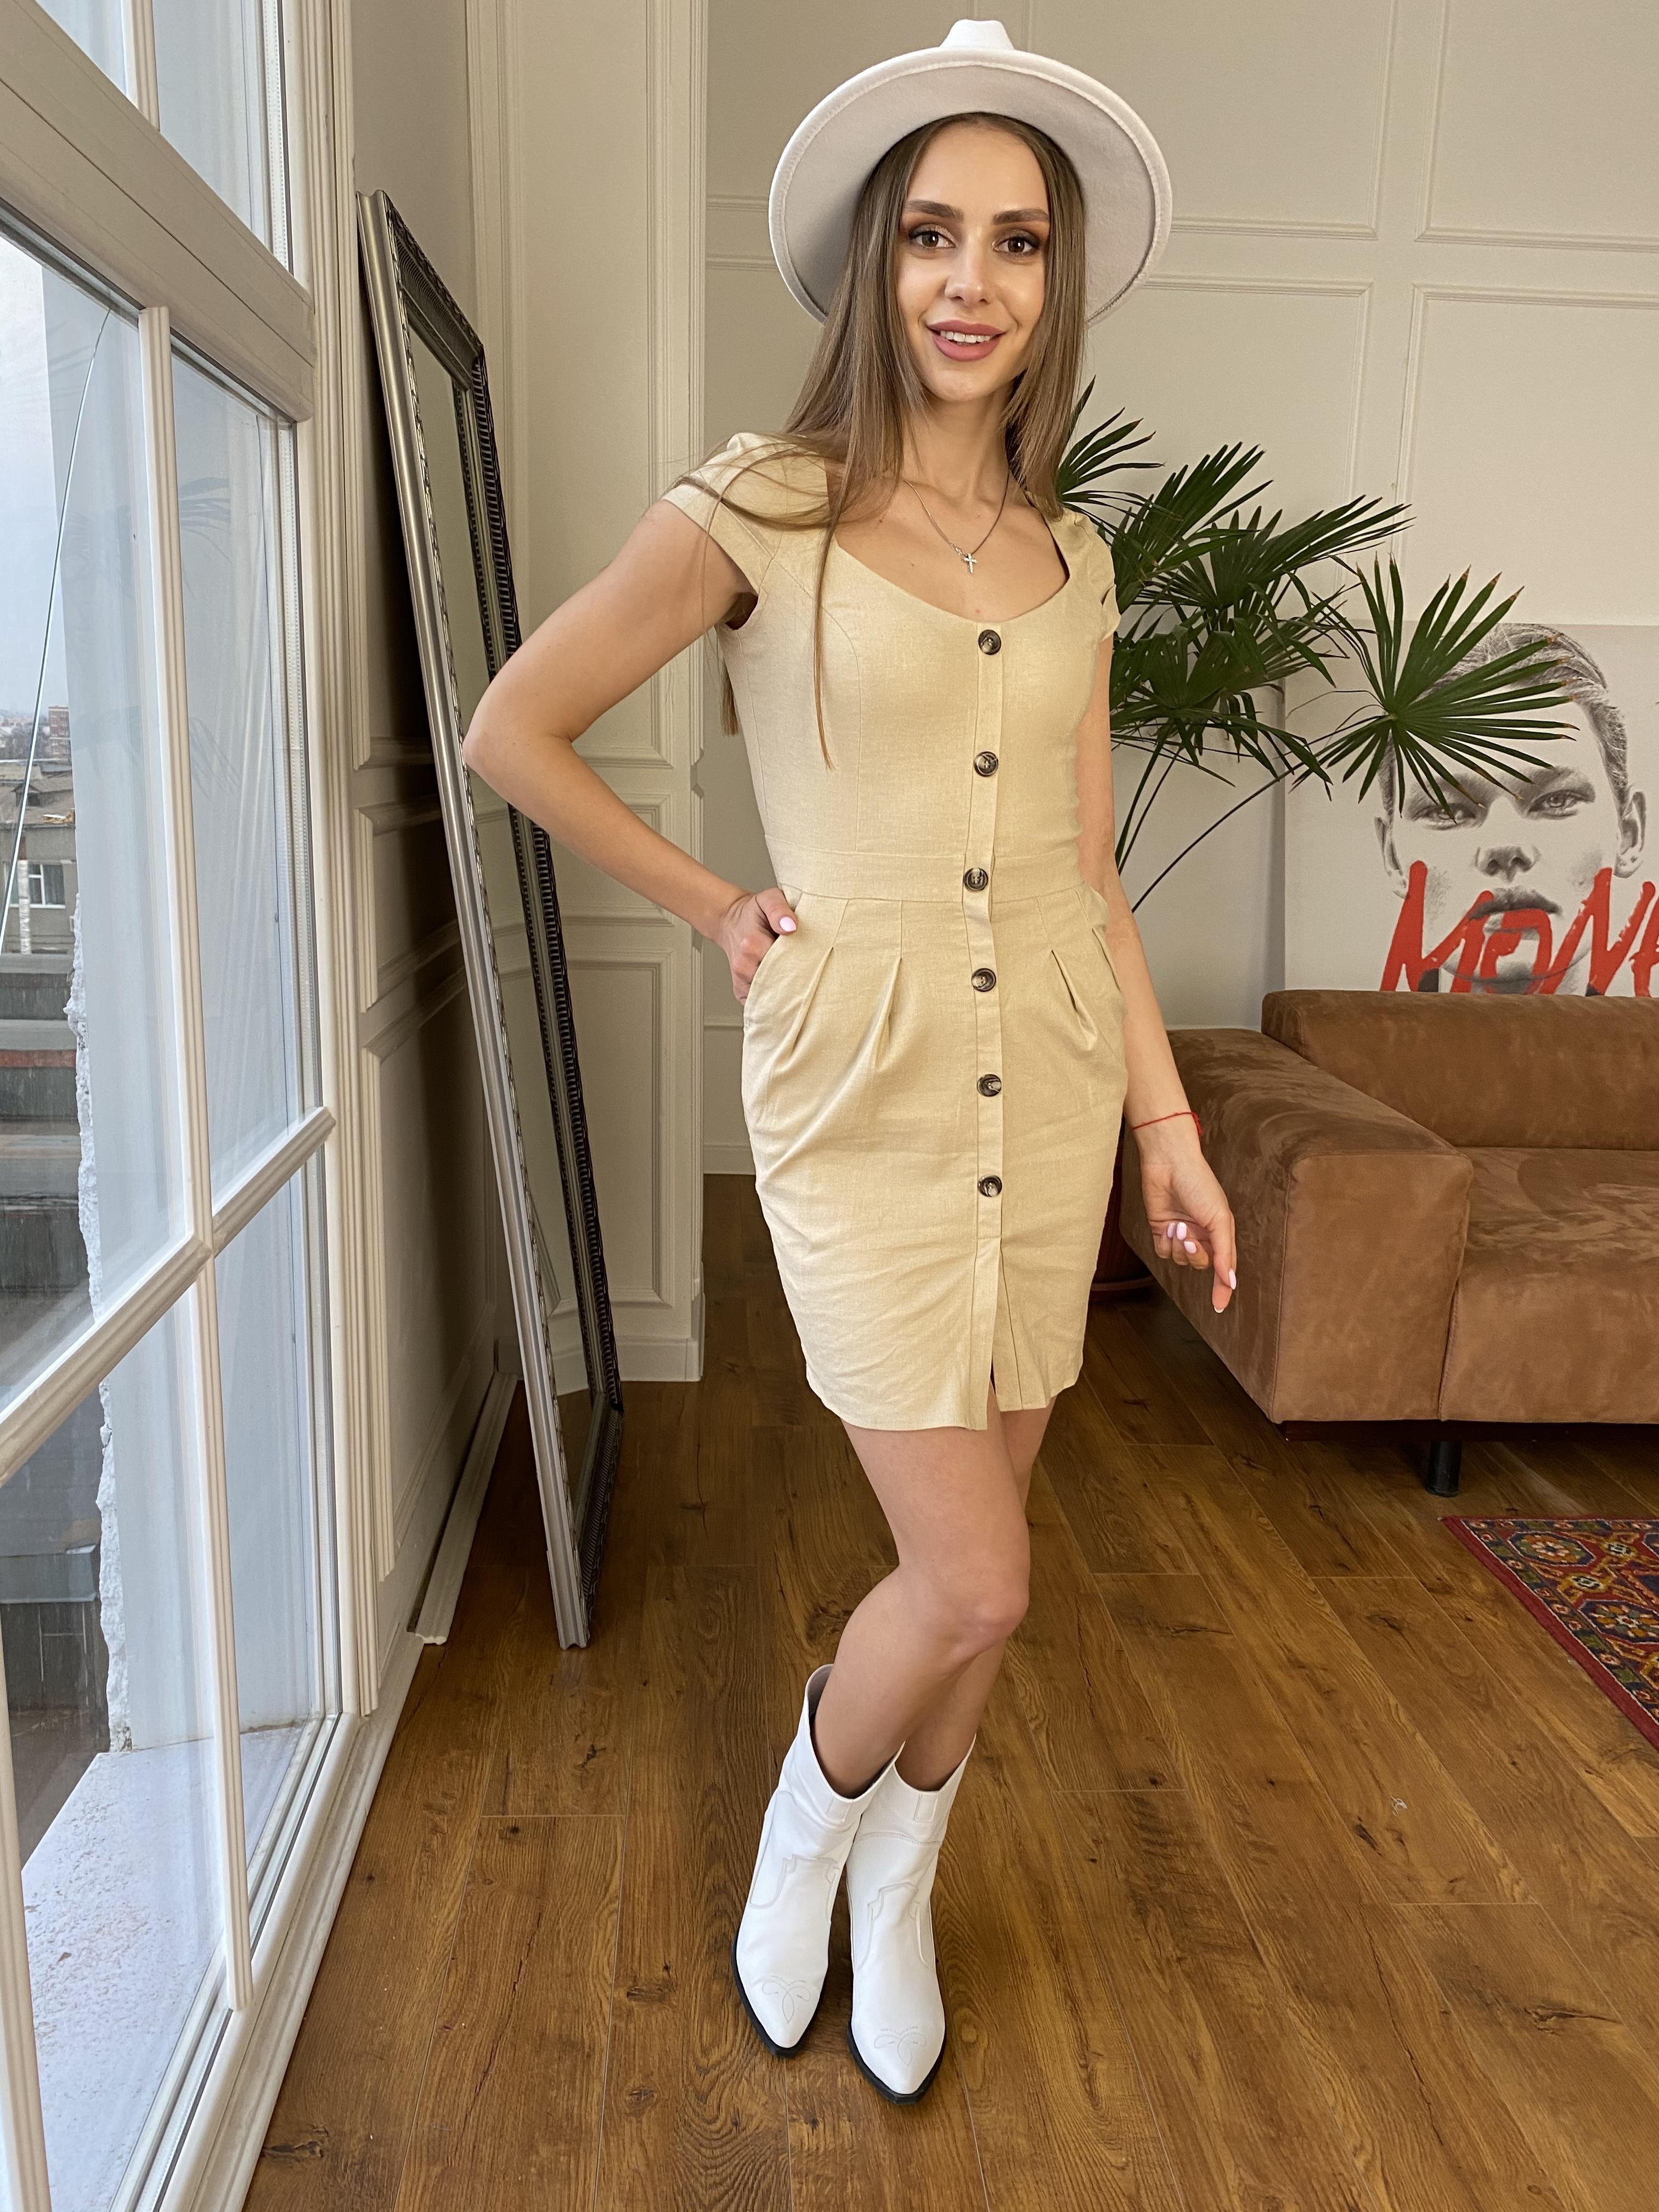 Марсель платье мини из льна  стрейч 9400 АРТ. 45754 Цвет: Бежевый - фото 10, интернет магазин tm-modus.ru